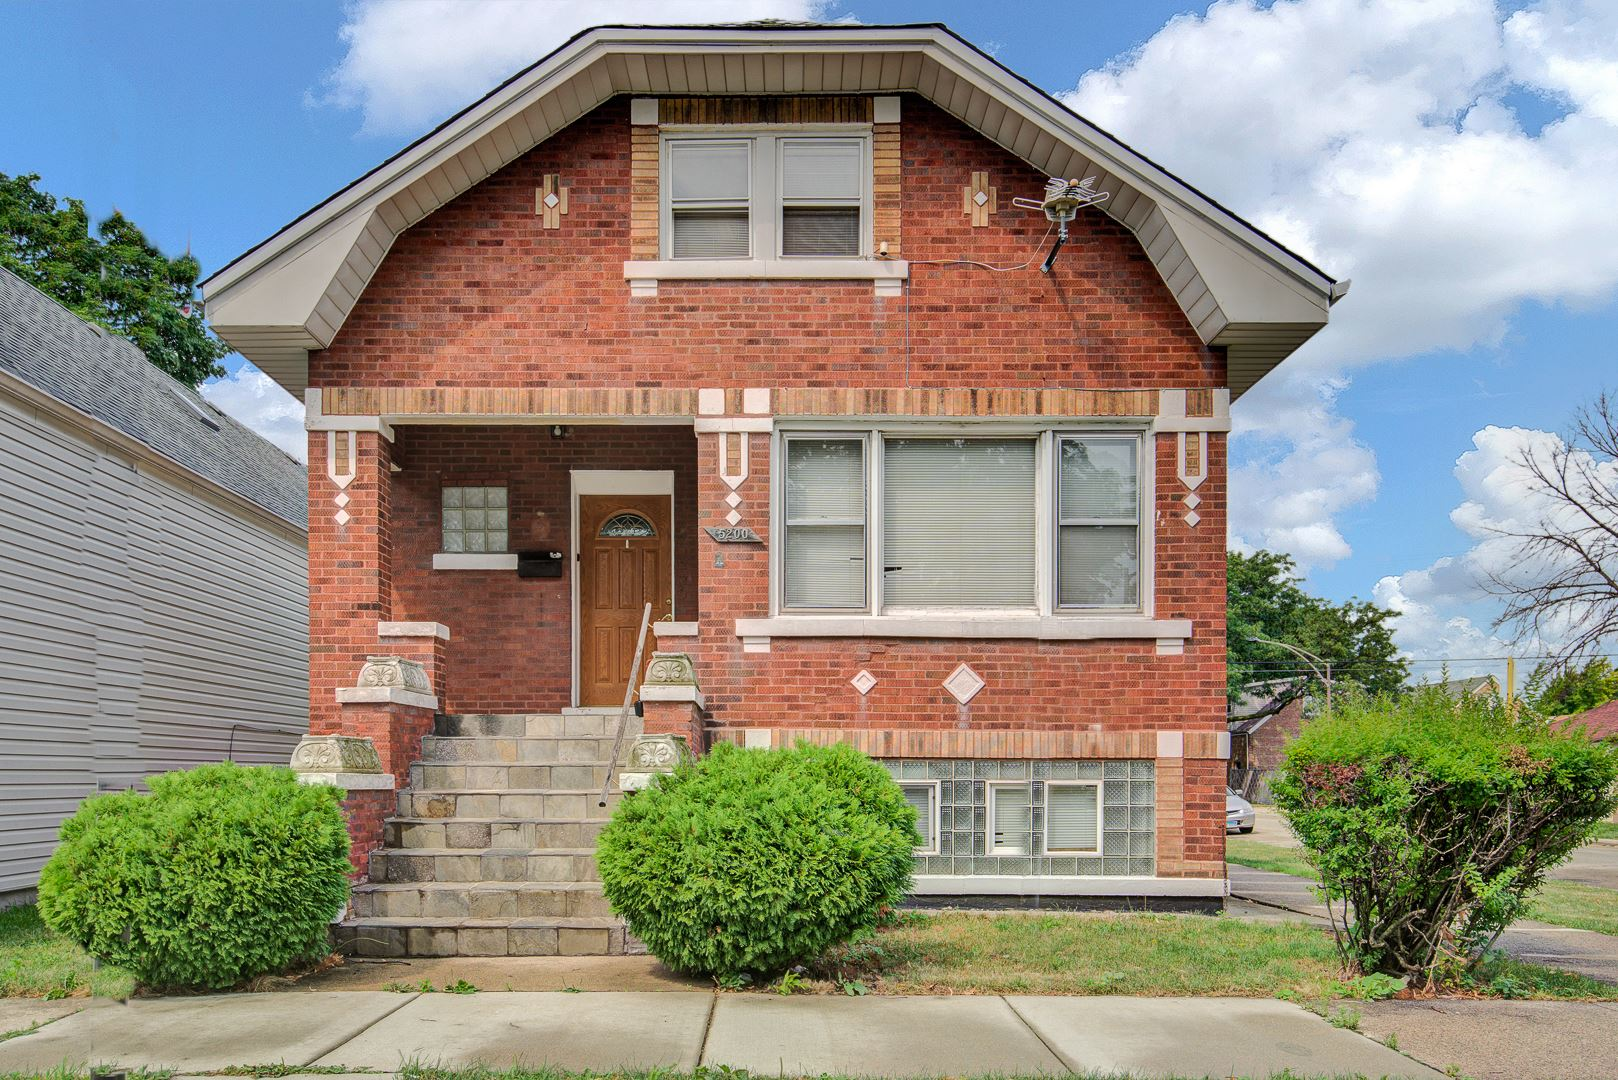 Photo for 5200 S Latrobe Avenue, Chicago, IL 60638 (MLS # 11212289)